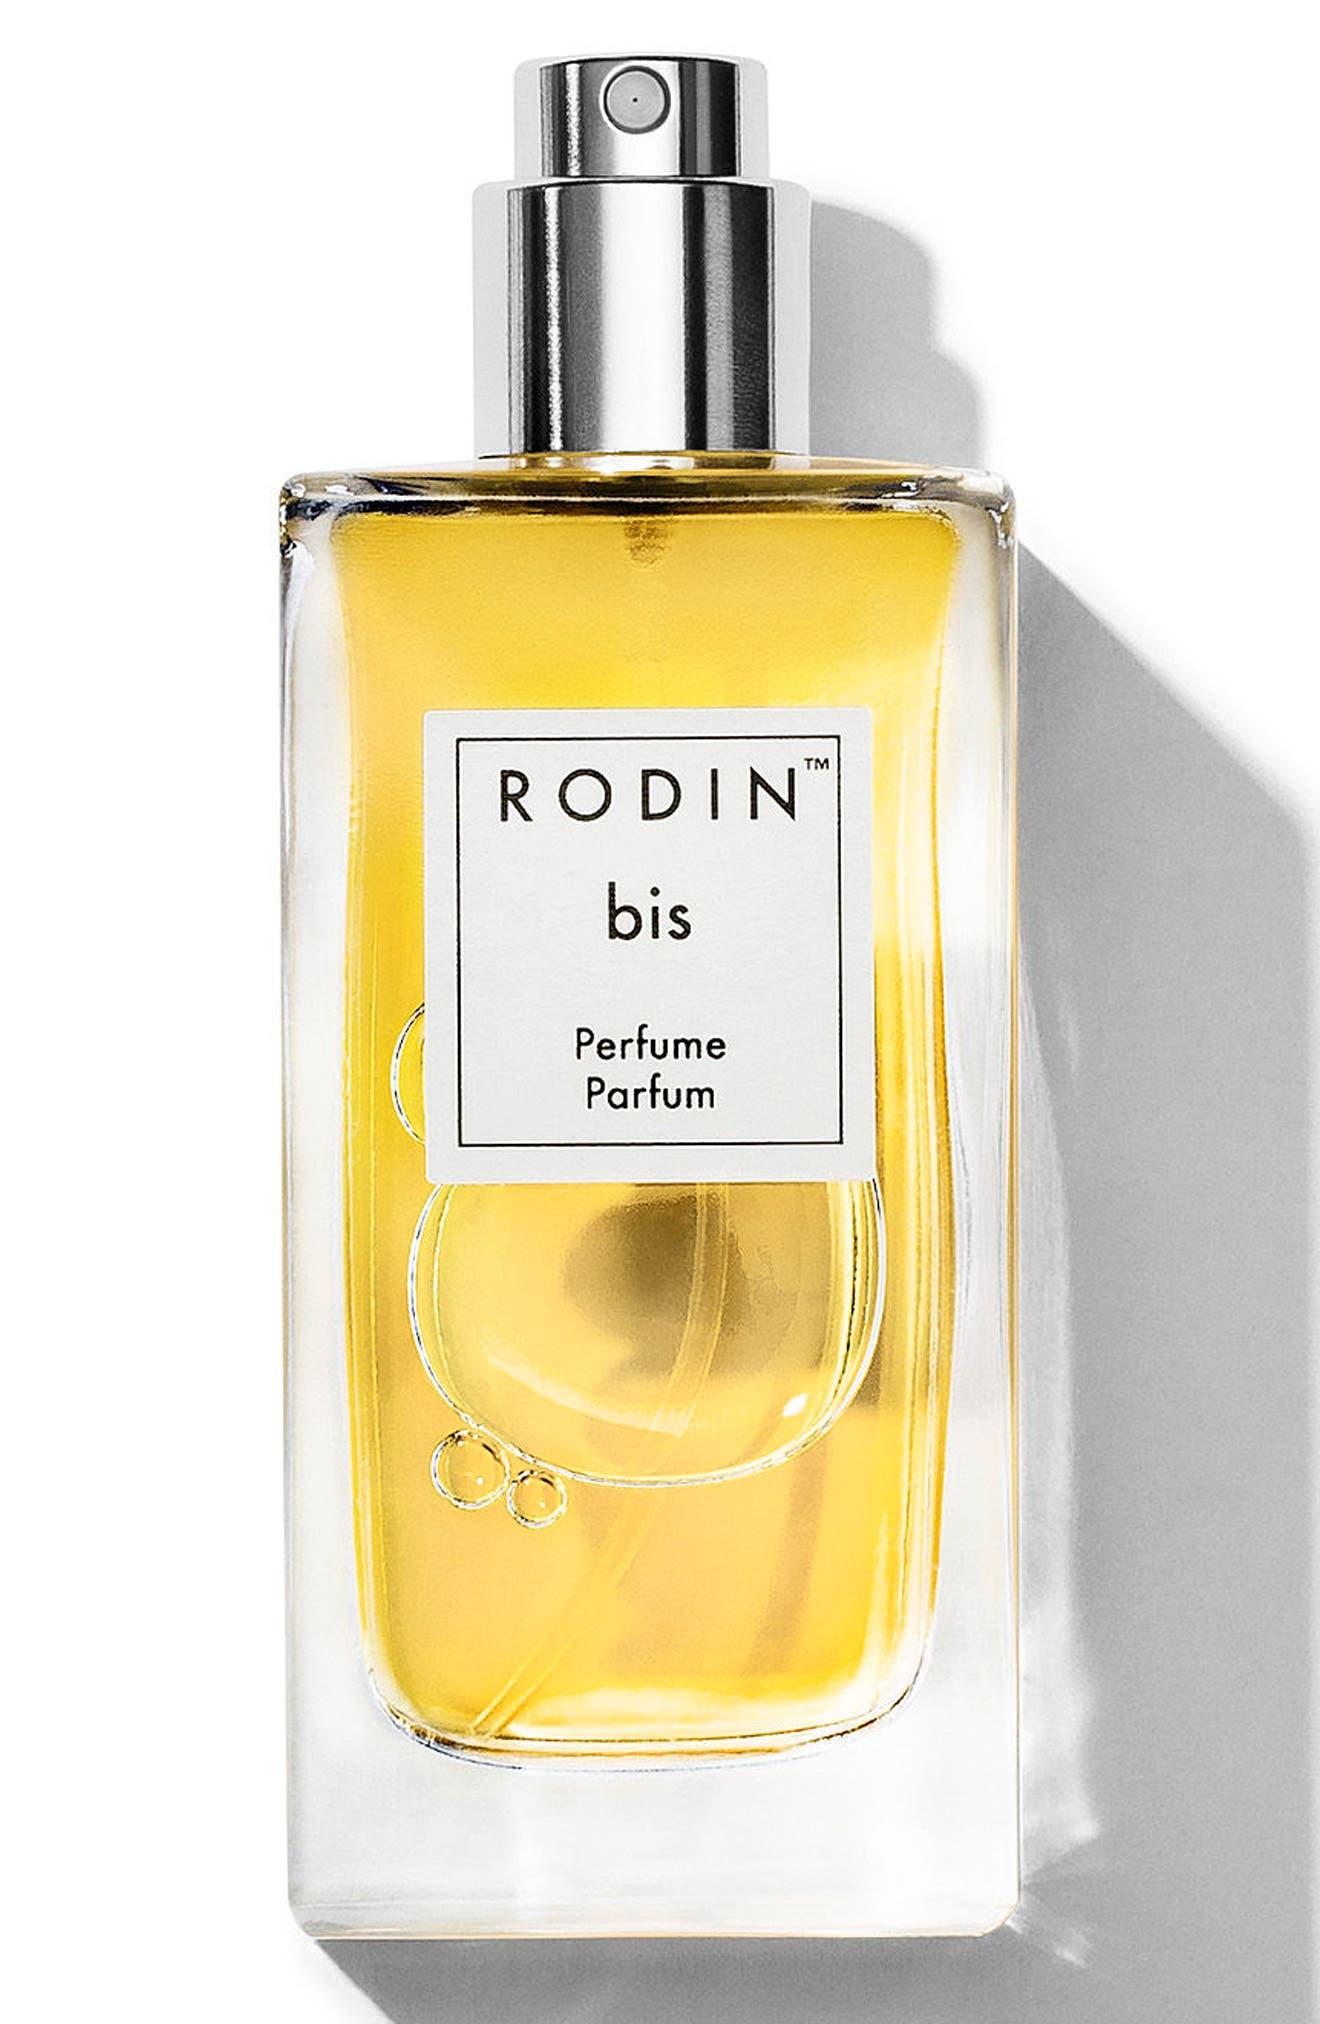 RODIN OLIO LUSSO bis Perfume, Main, color, NO COLOR